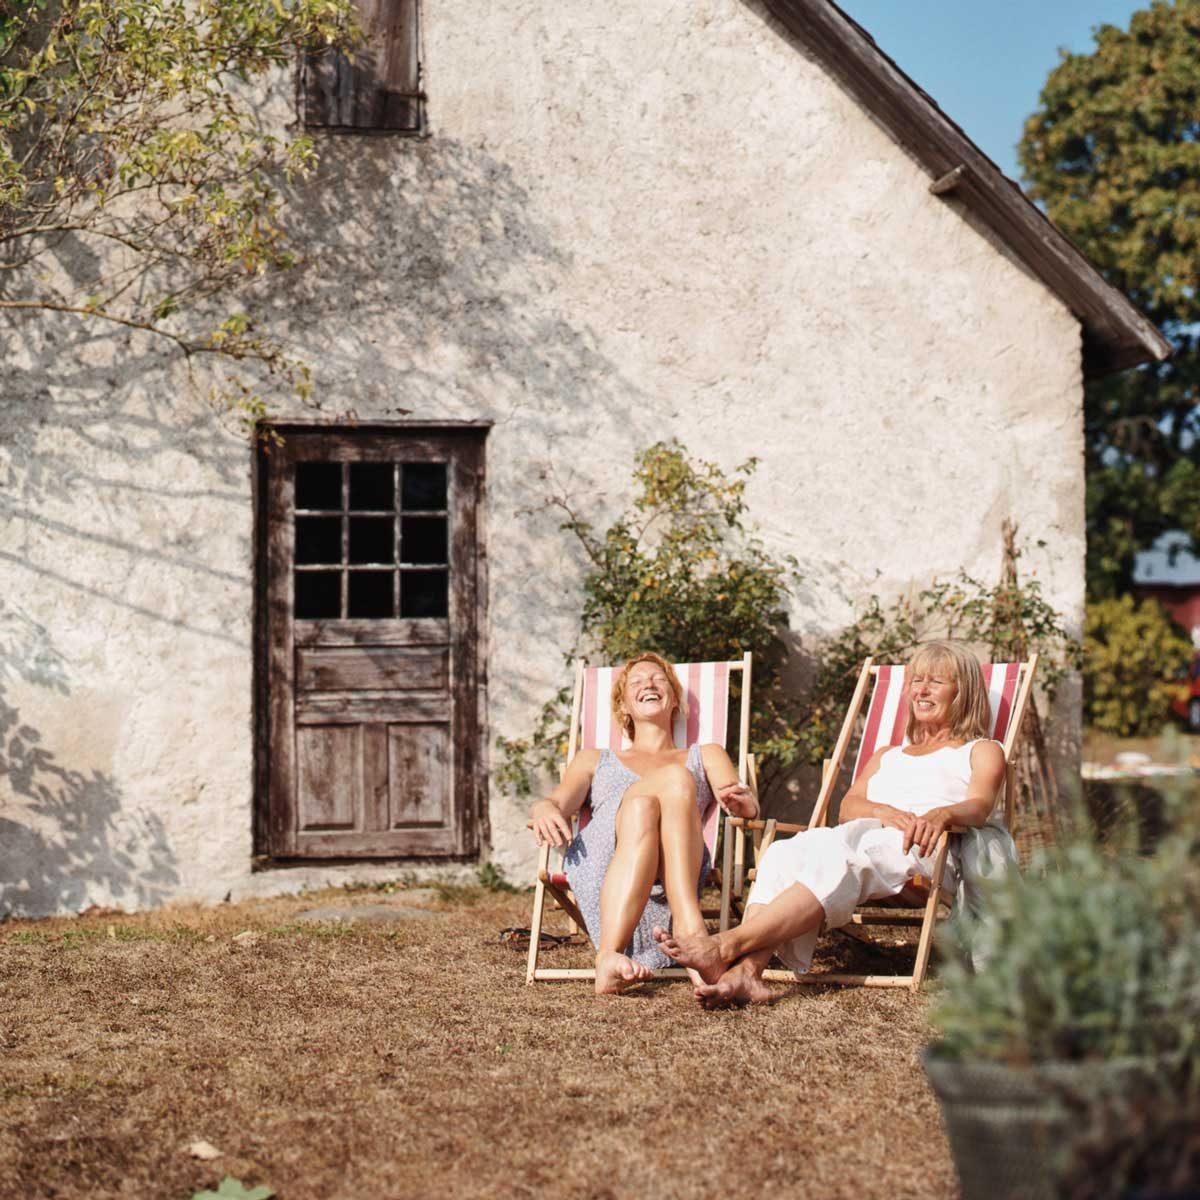 Two women relaxing in folding chairs